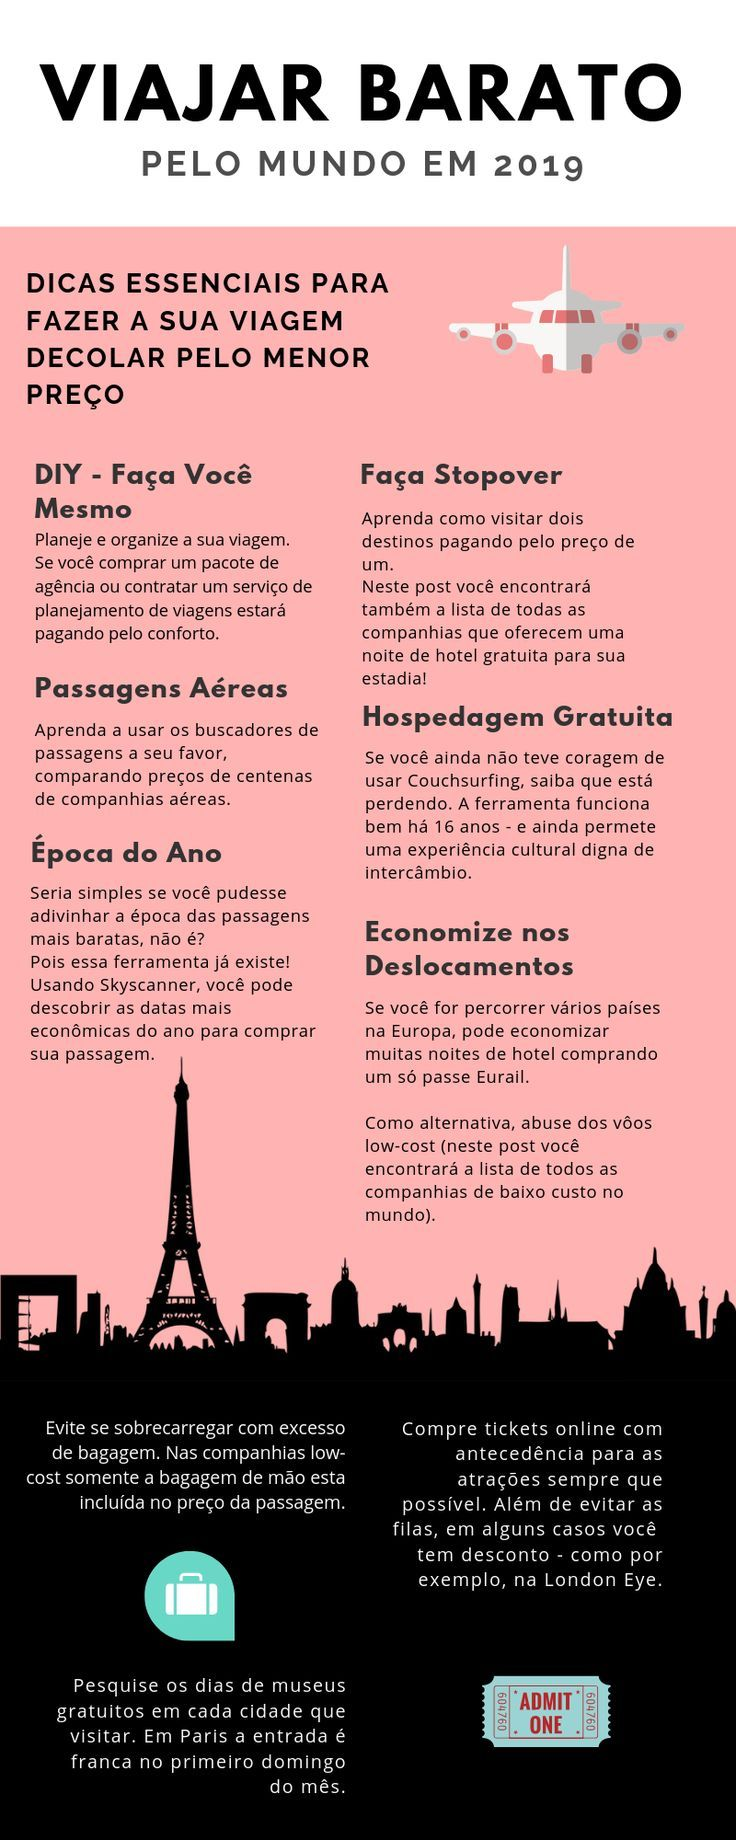 Como viajar barato pelo mundo em 2019   – * Nossas dicas de viagens * Português